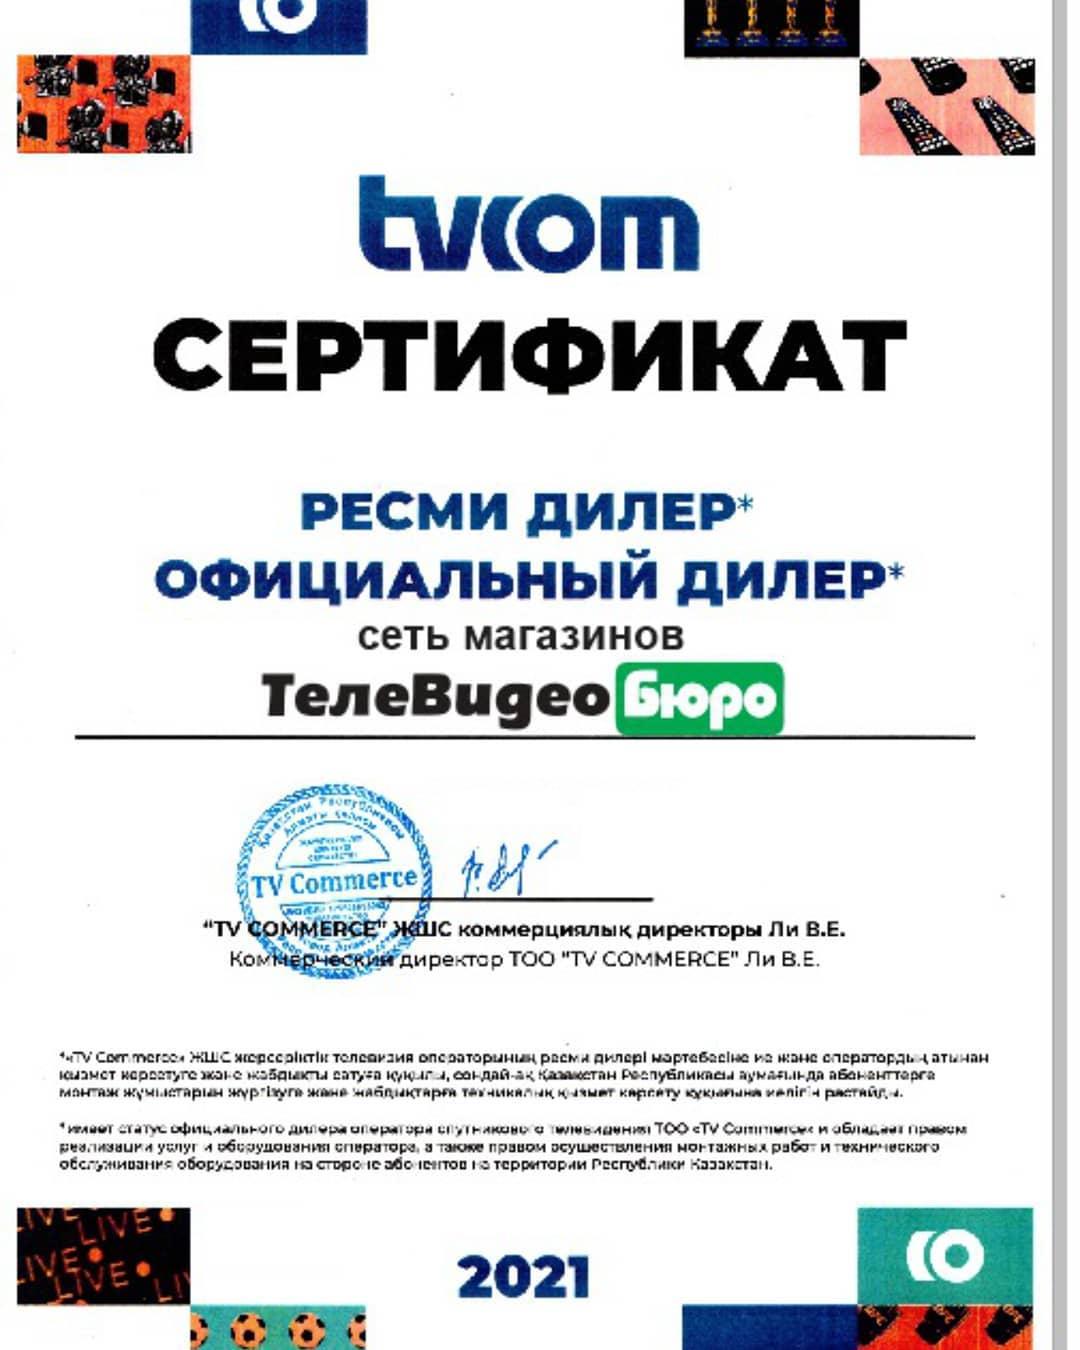 Представляем Вашему вниманию Сертификат